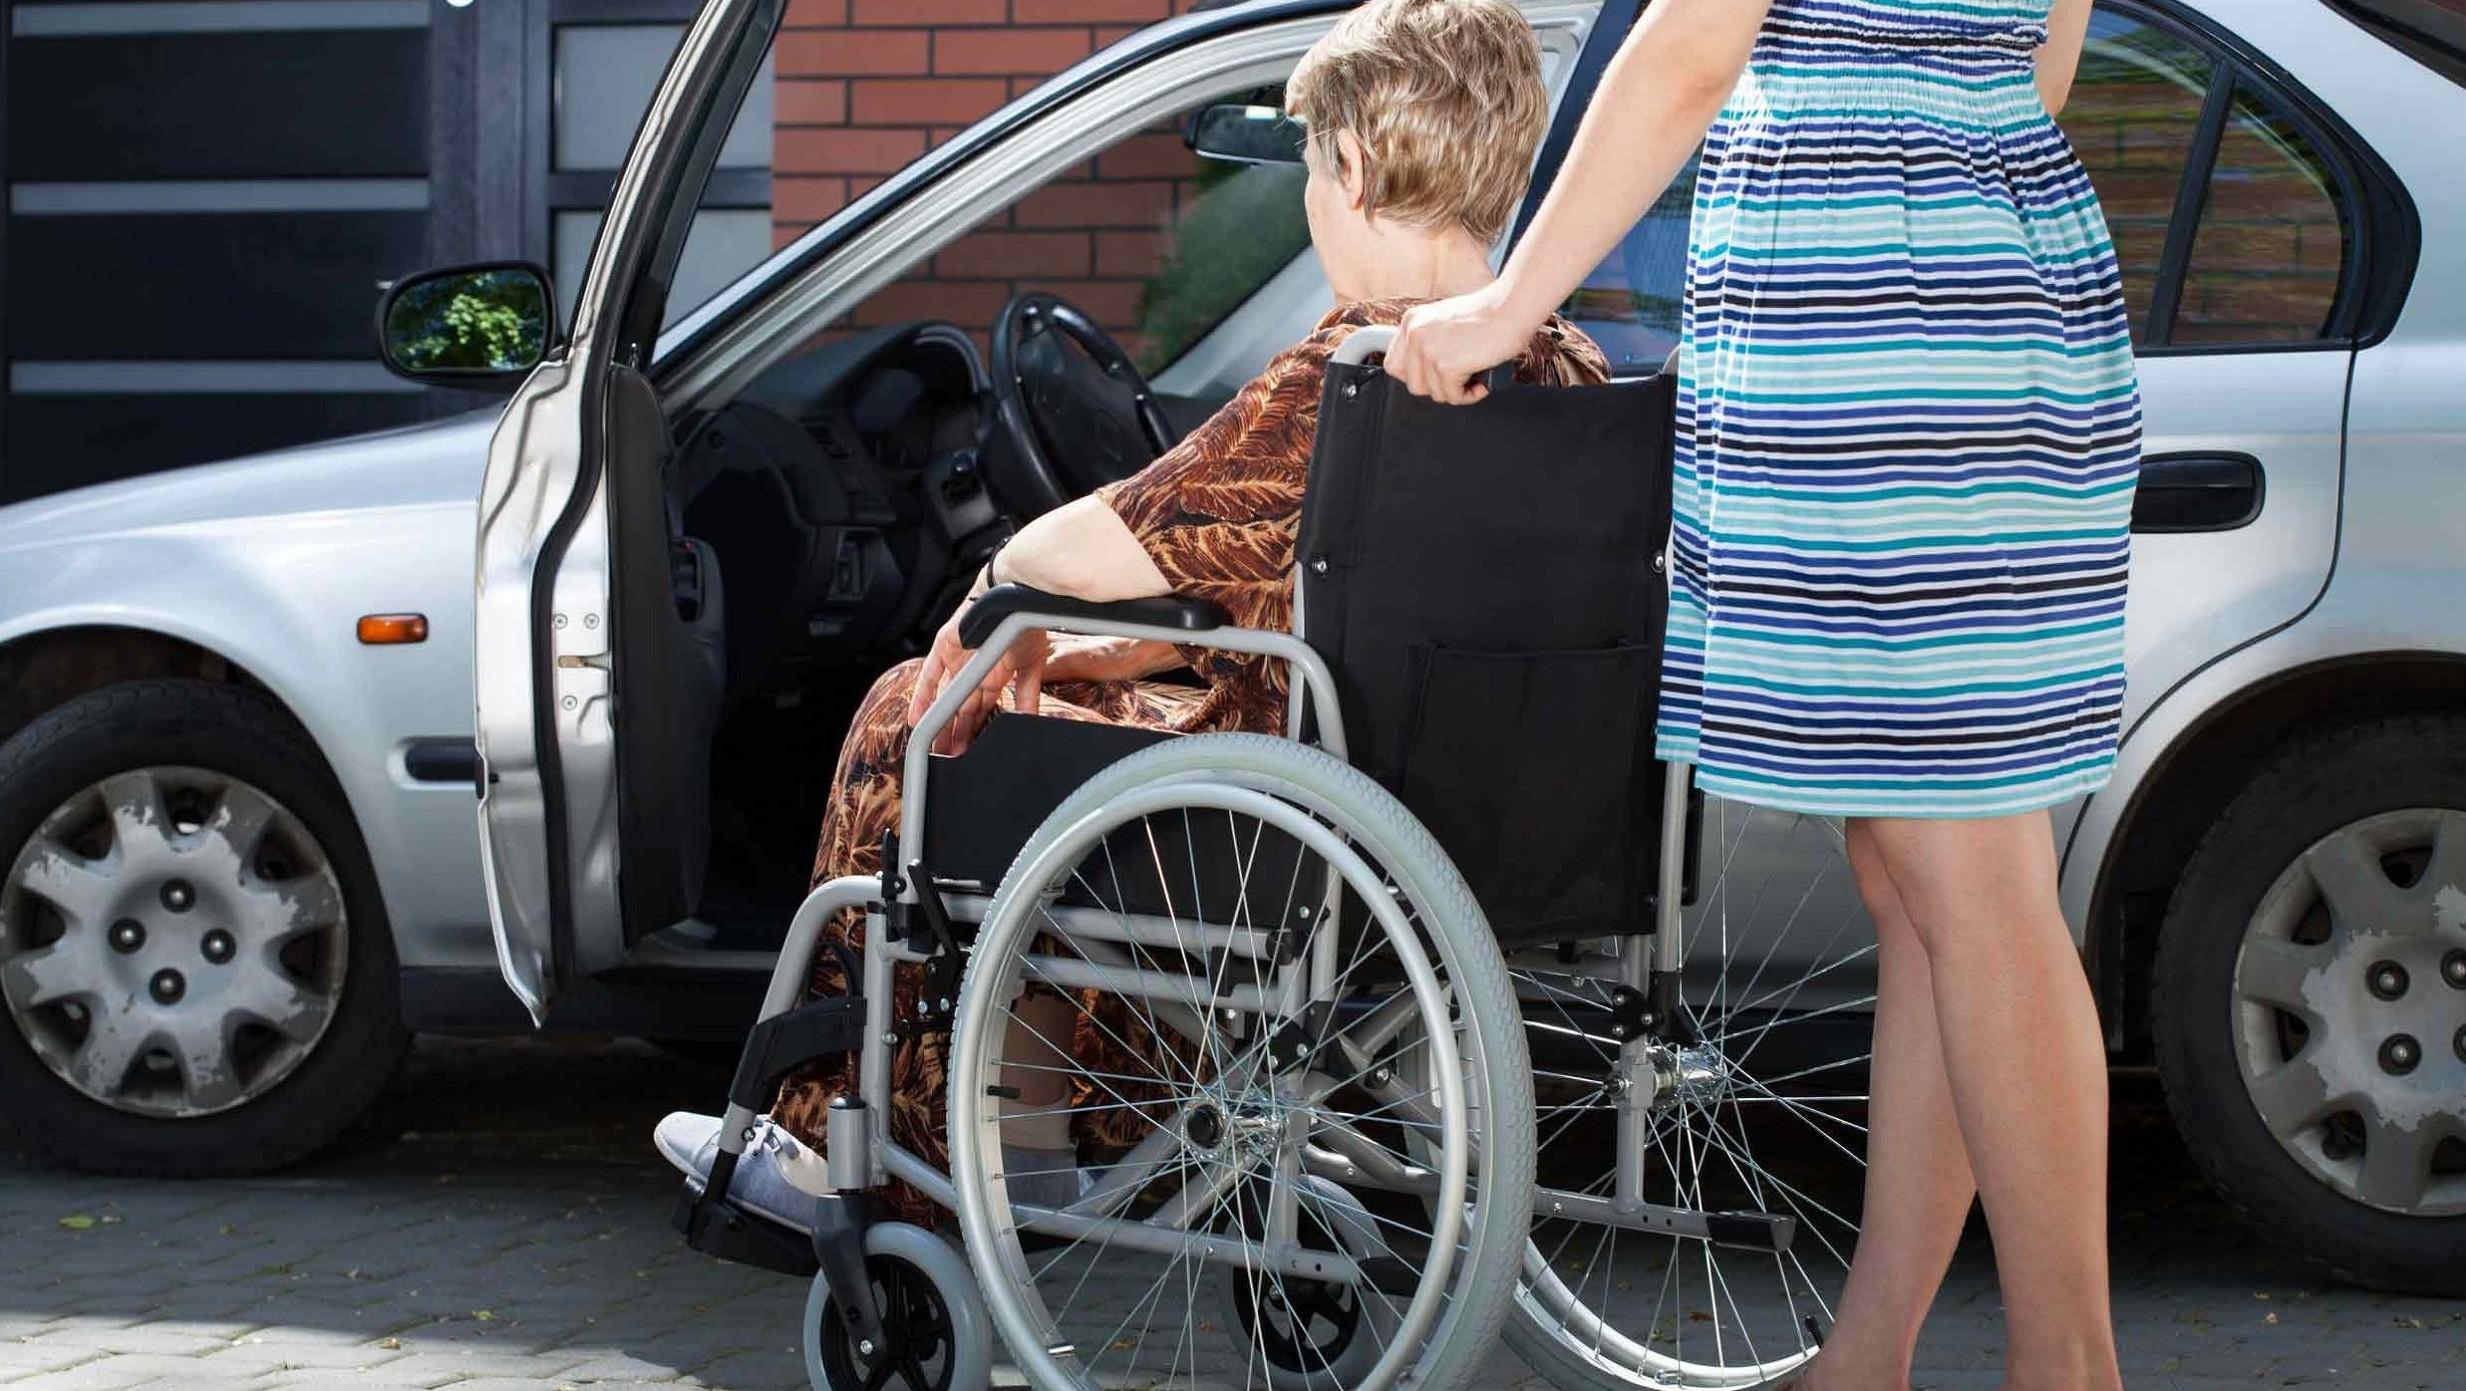 Invalidità e legge 104, tutte le differe